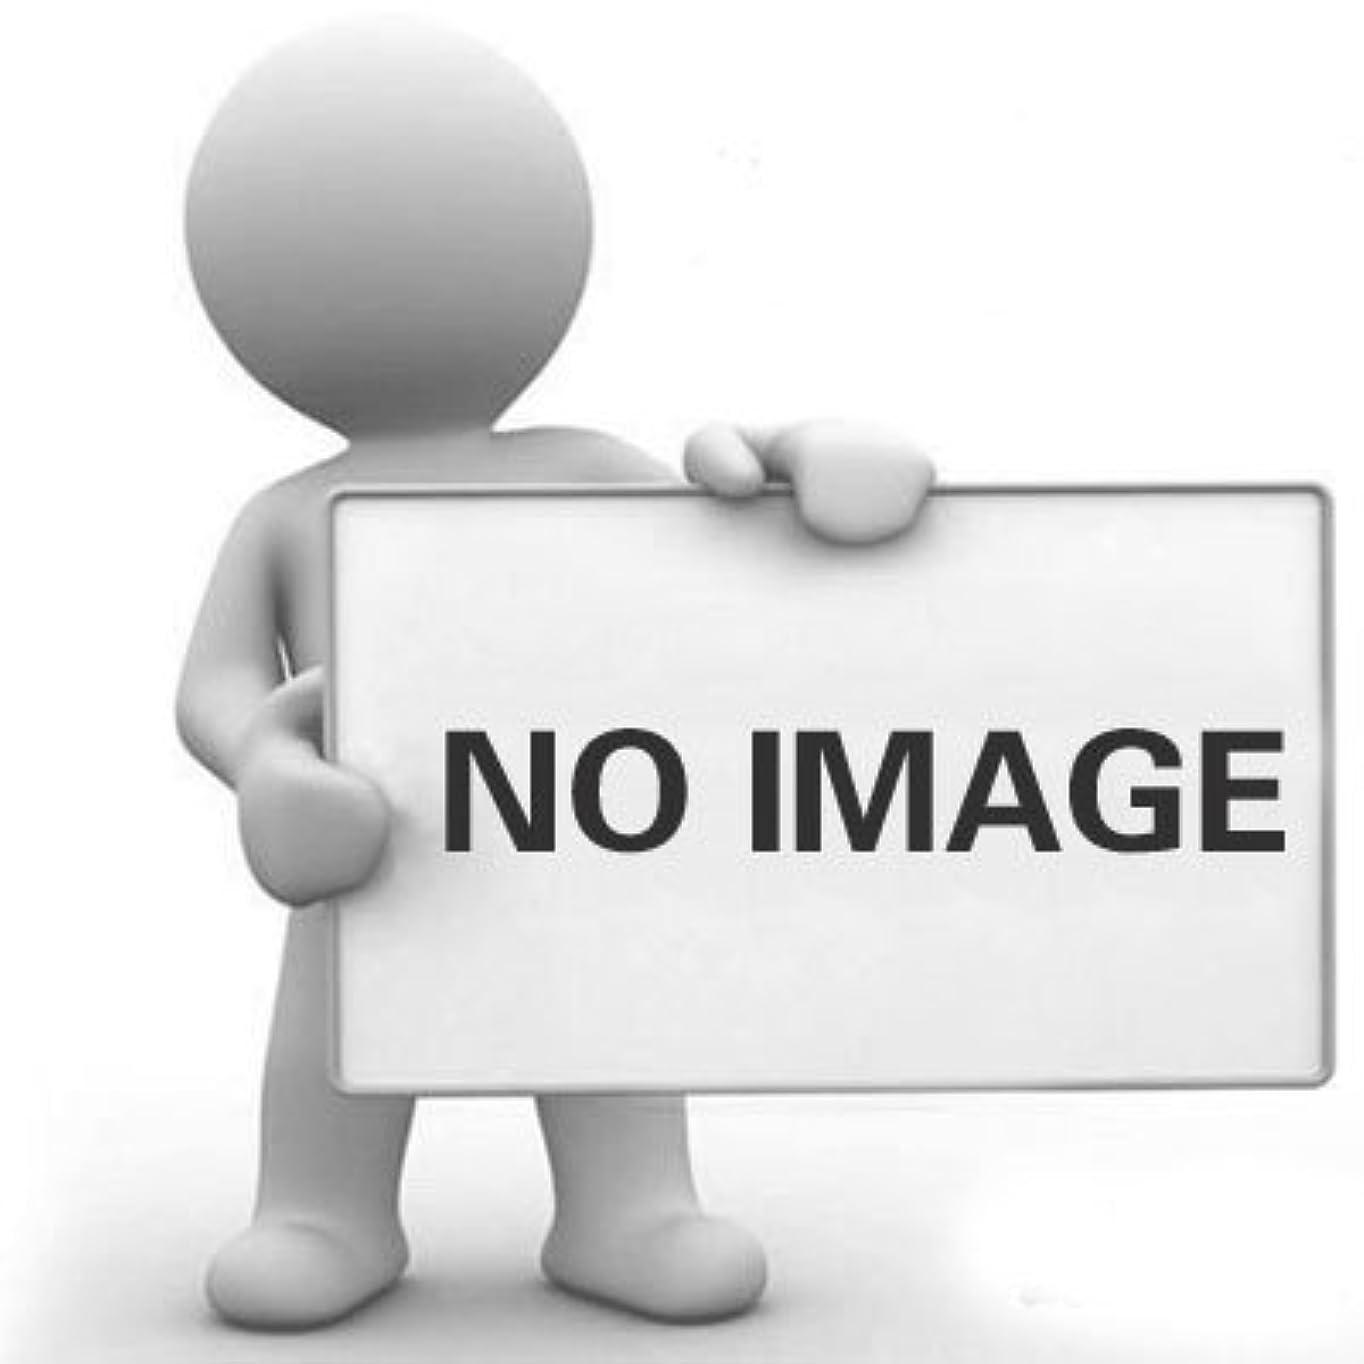 起業家メガロポリス差別ヘアカラーブラシサロンブラシ漂白色合いパーマ染料着色ブラシ(2パック)